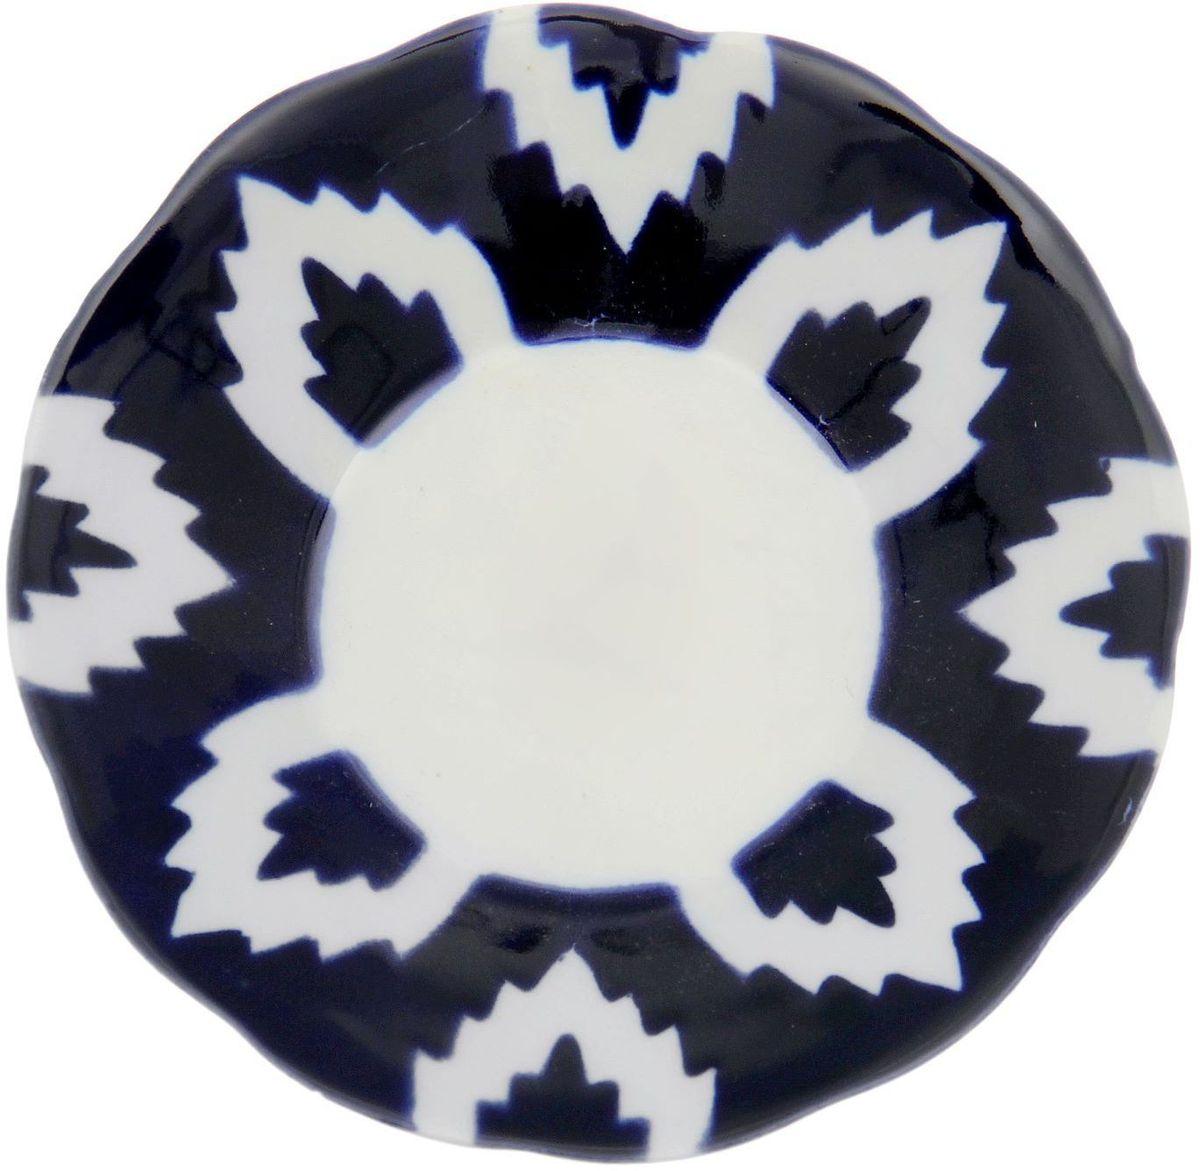 Тарелка Turon Porcelain Атлас, цвет: синий, белый, диаметр 13 см1625378Тарелка Turon Porcelain Атлас, выполненная из качественного фарфора, подойдет для повседневной и праздничной сервировки. Дополните стол текстилем и салфетками в тон, чтобы получить элегантное убранство с яркими акцентами.Национальная узбекская роспись Атлас имеет симметричный геометрический рисунок. Узоры, похожие на листья, выводятся тонкой кистью, фон заливается темно-синим кобальтом. Синий краситель при обжиге слегка растекается и придает контуру изображений голубой оттенок. Густая глазурь наносится толстым слоем, благодаря чему рисунок мерцает.Узбекская посуда известна всему миру уже более тысячи лет. Ей любовались царские особы, на ней подавали еду для шейхов и знатных персон. Формулы красок и глазури передаются из поколения в поколение. По сей день качественные расписные изделия продолжают восхищать совершенством и завораживающей красотой.